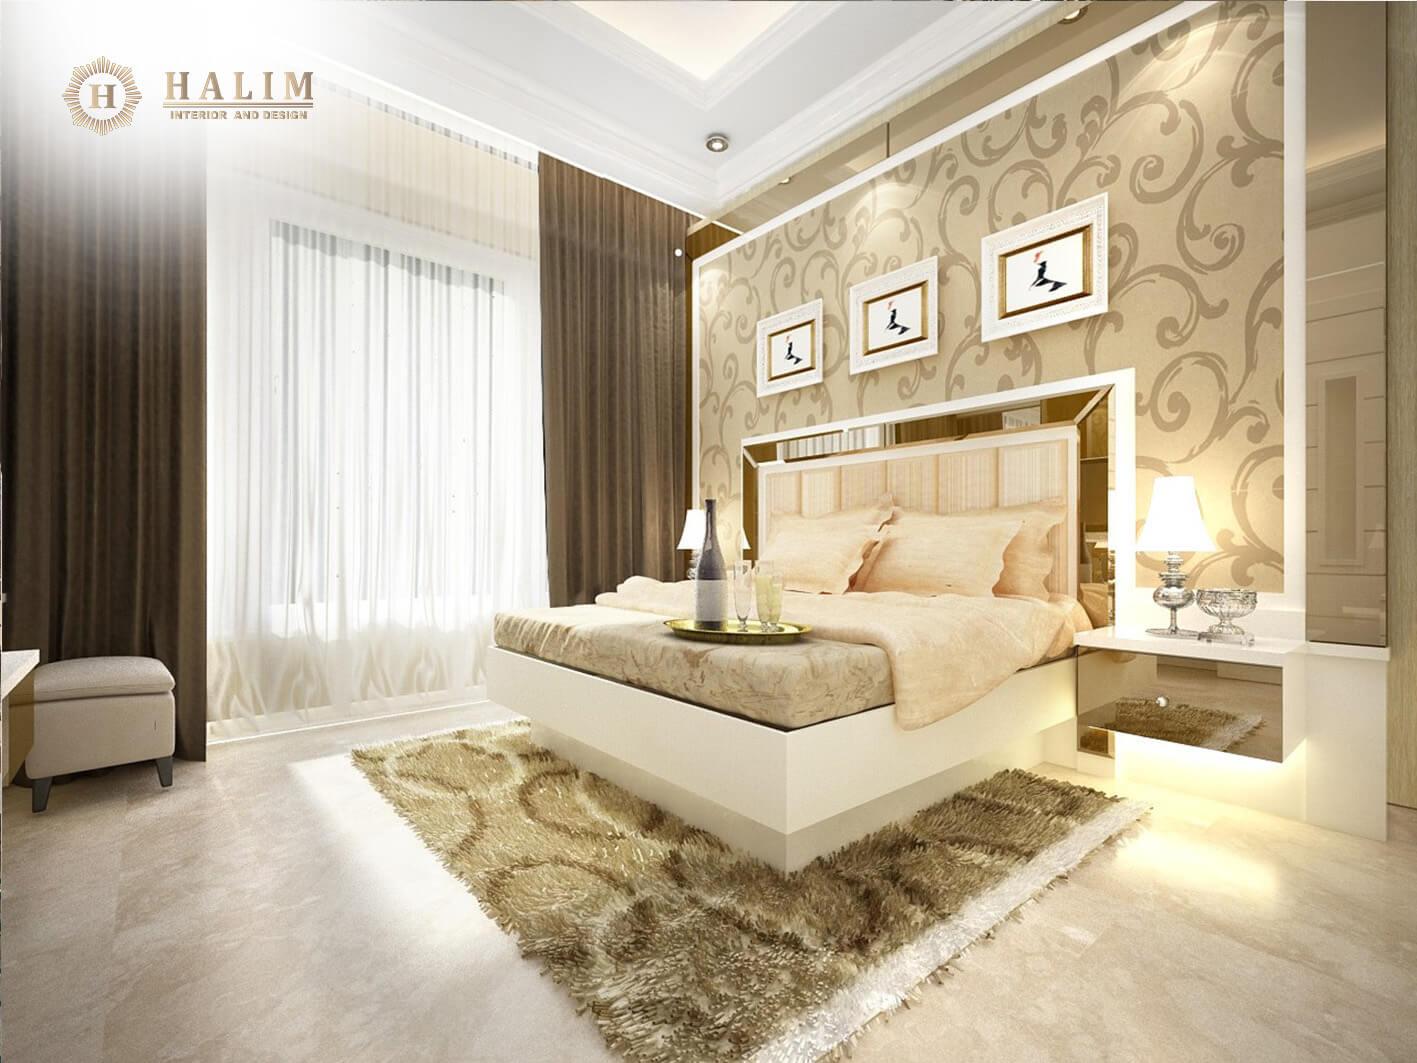 Halim, Interior, Modern, Furniture, Contemporer American Style, Minimalist,  European,